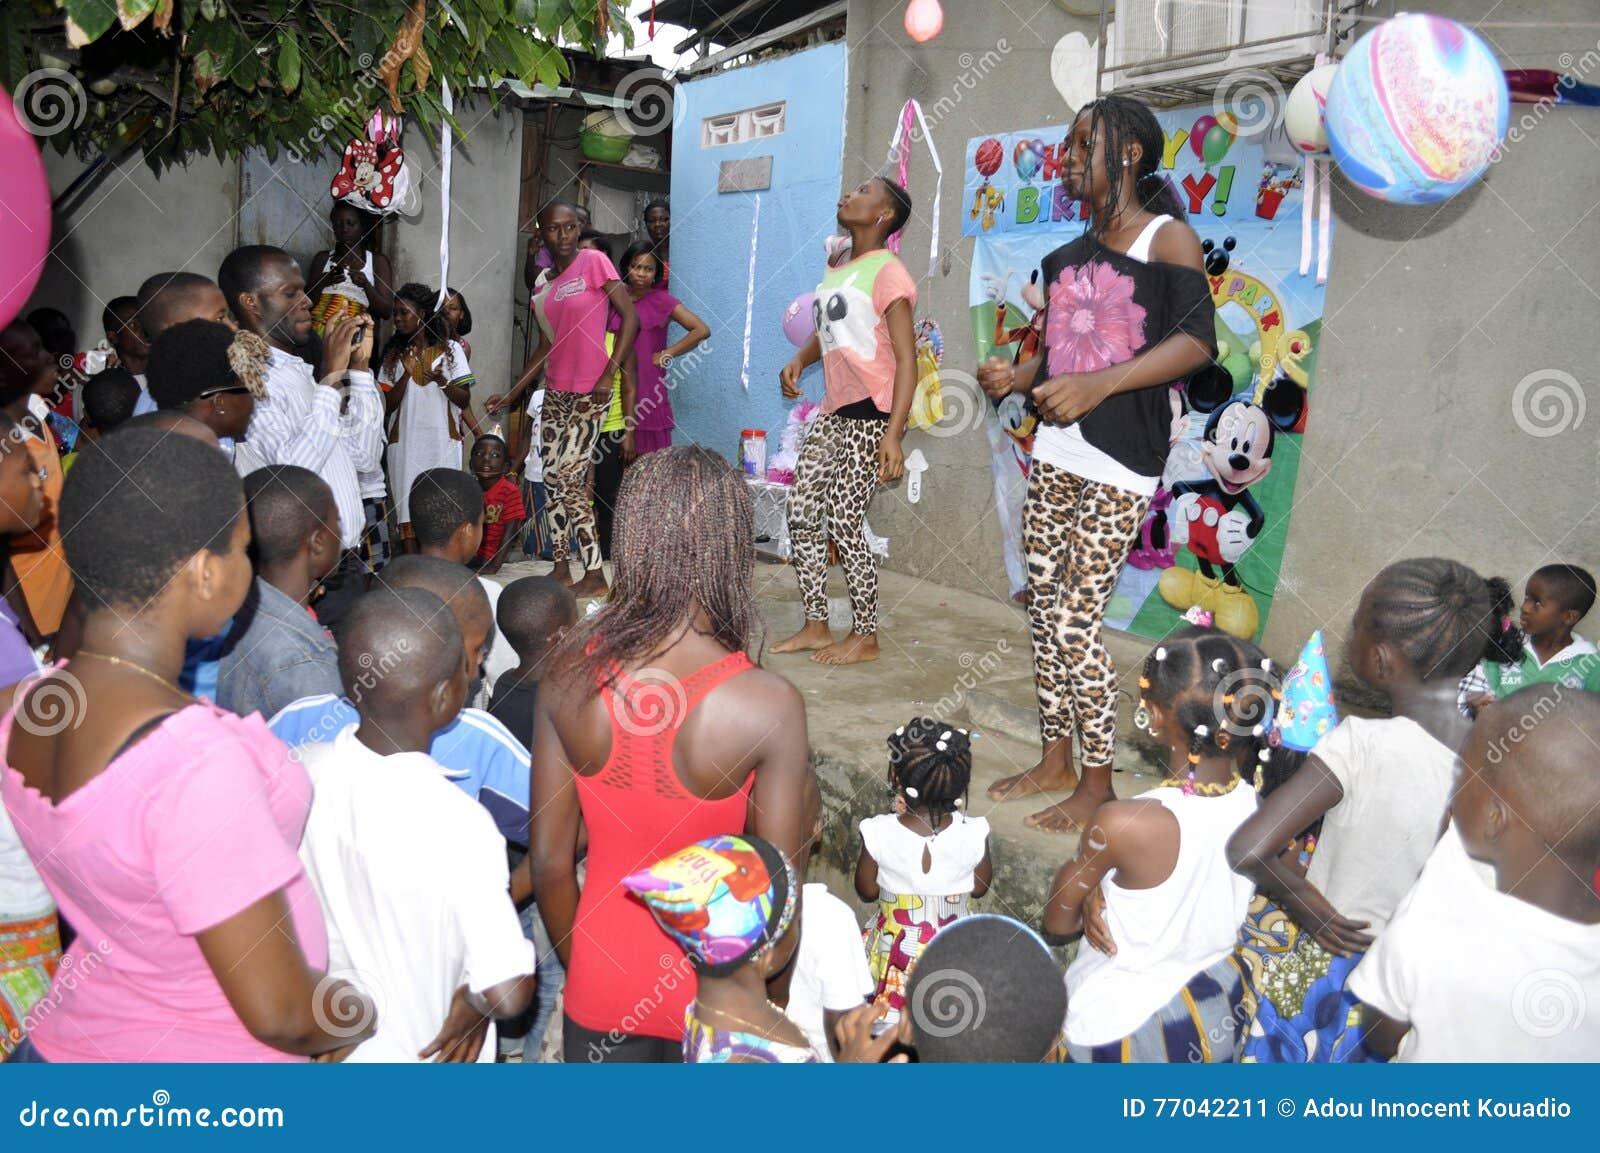 Immagini di cultura africana